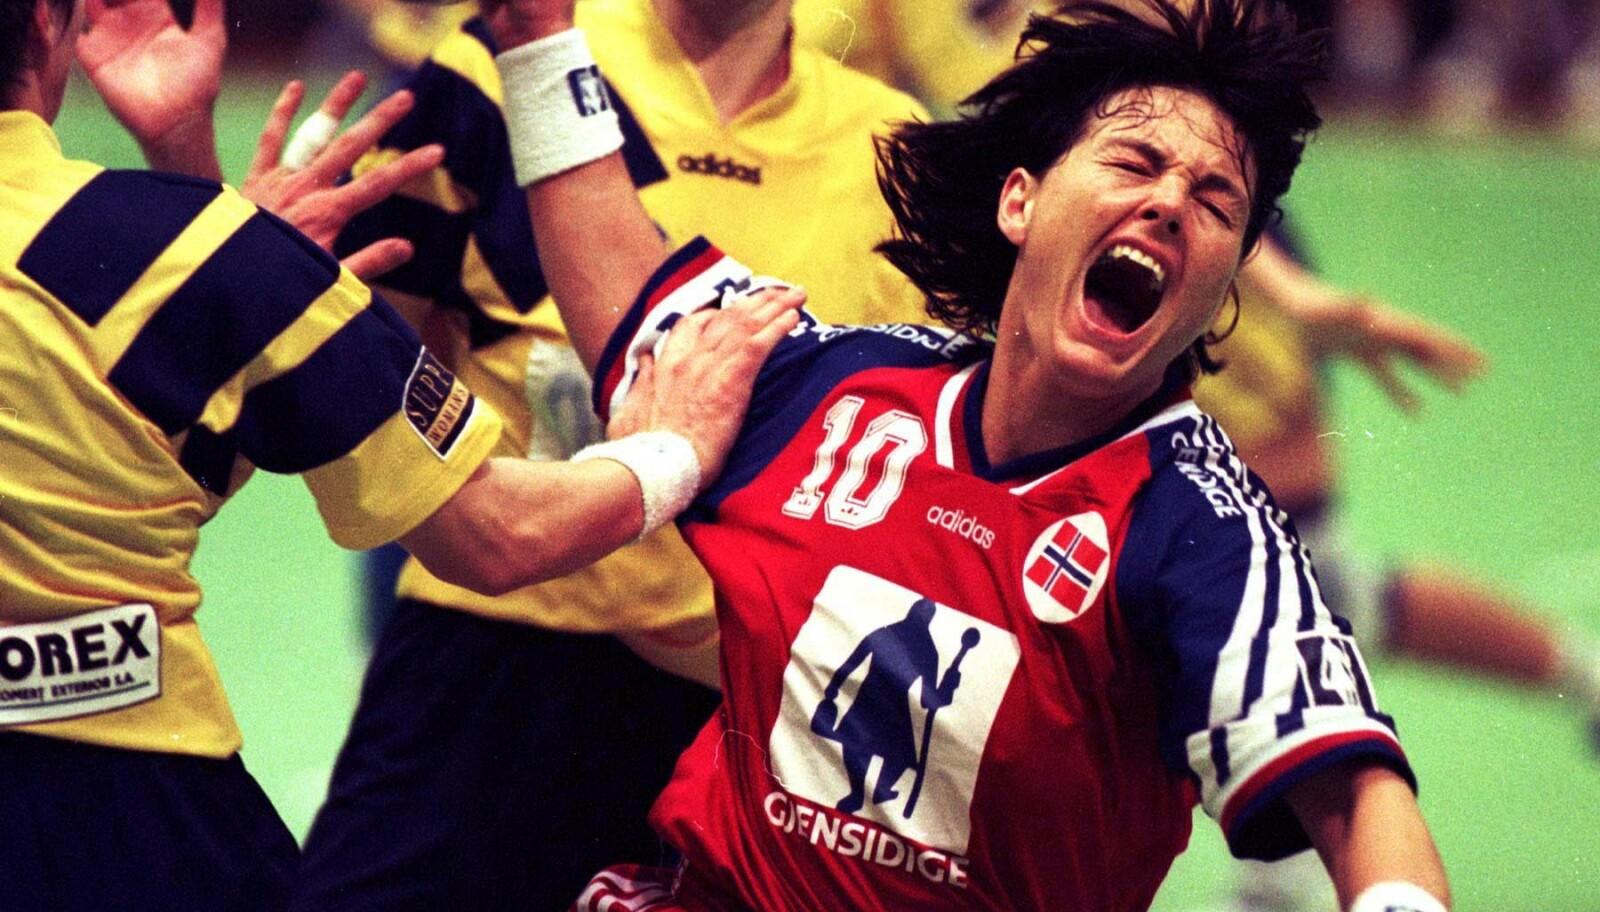 DEN GANG DA: Håndballstjernen Trine Haltvik i aksjon under en kamp mot Romania i 1996. FOTO: NTB